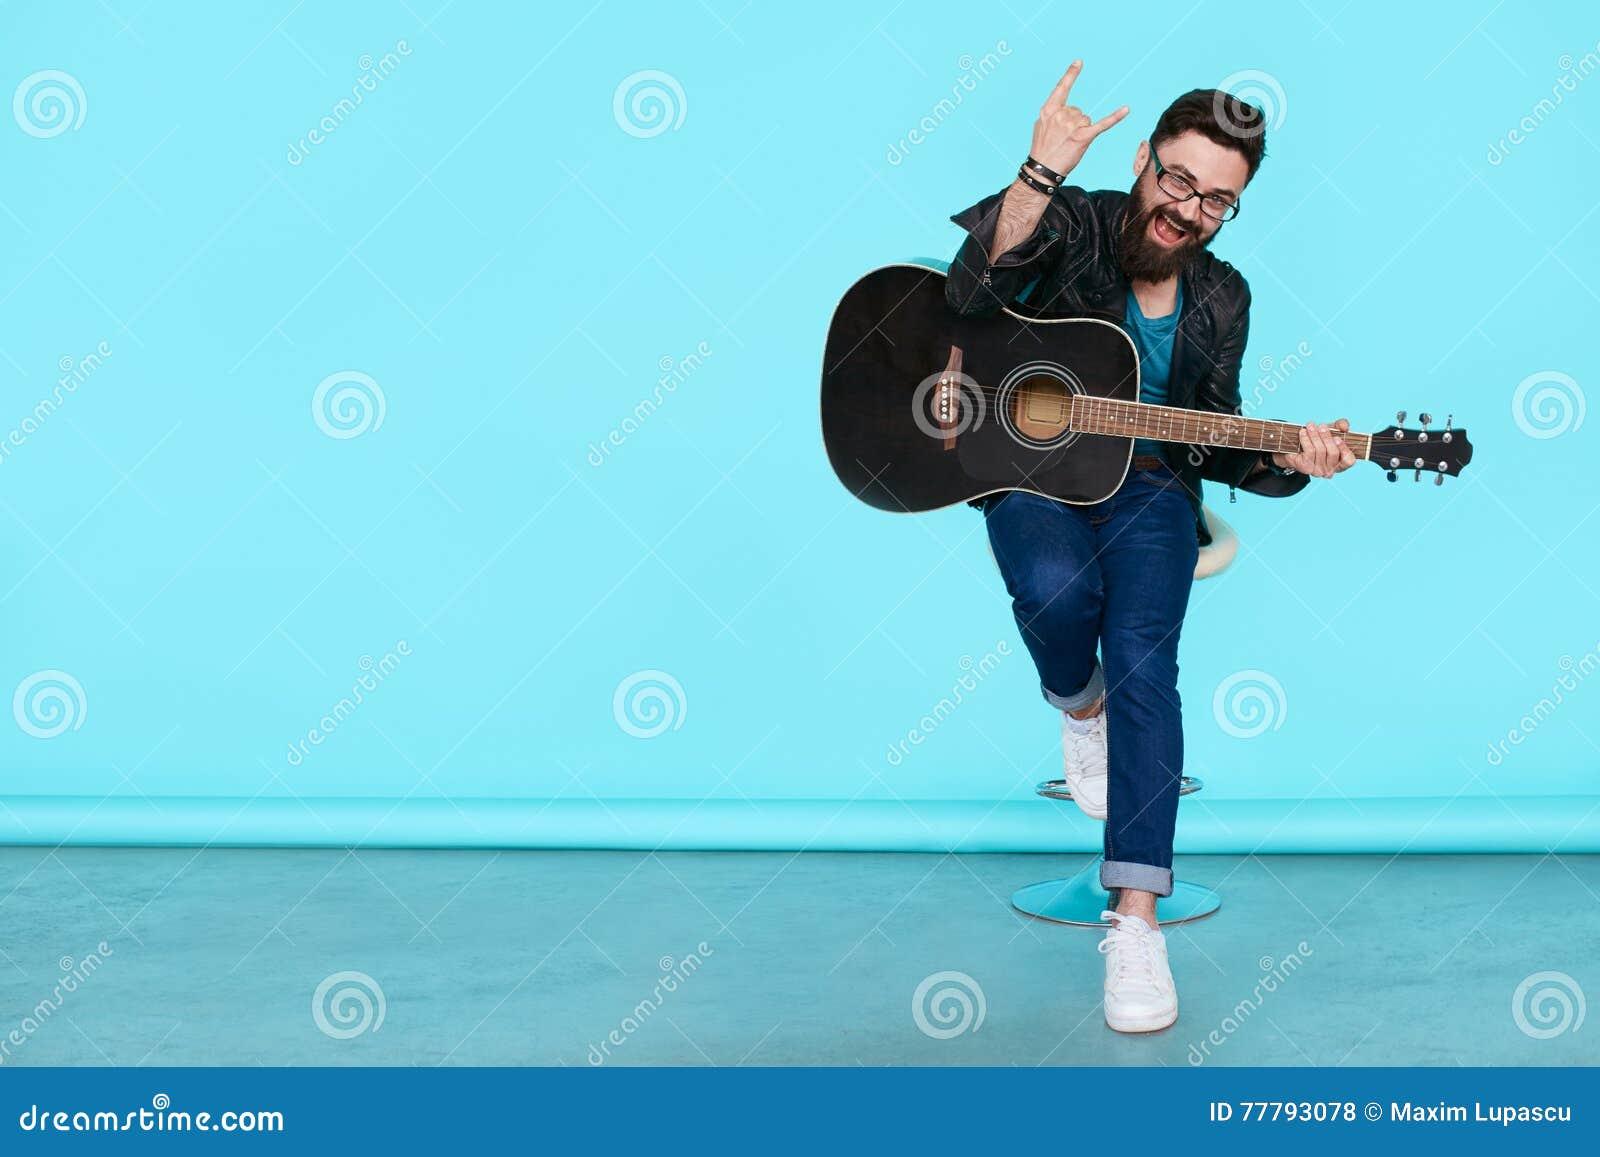 Ευτυχές νέο πανκ rocker με μια κιθάρα και σκοτεινά γυαλιά ηλίου